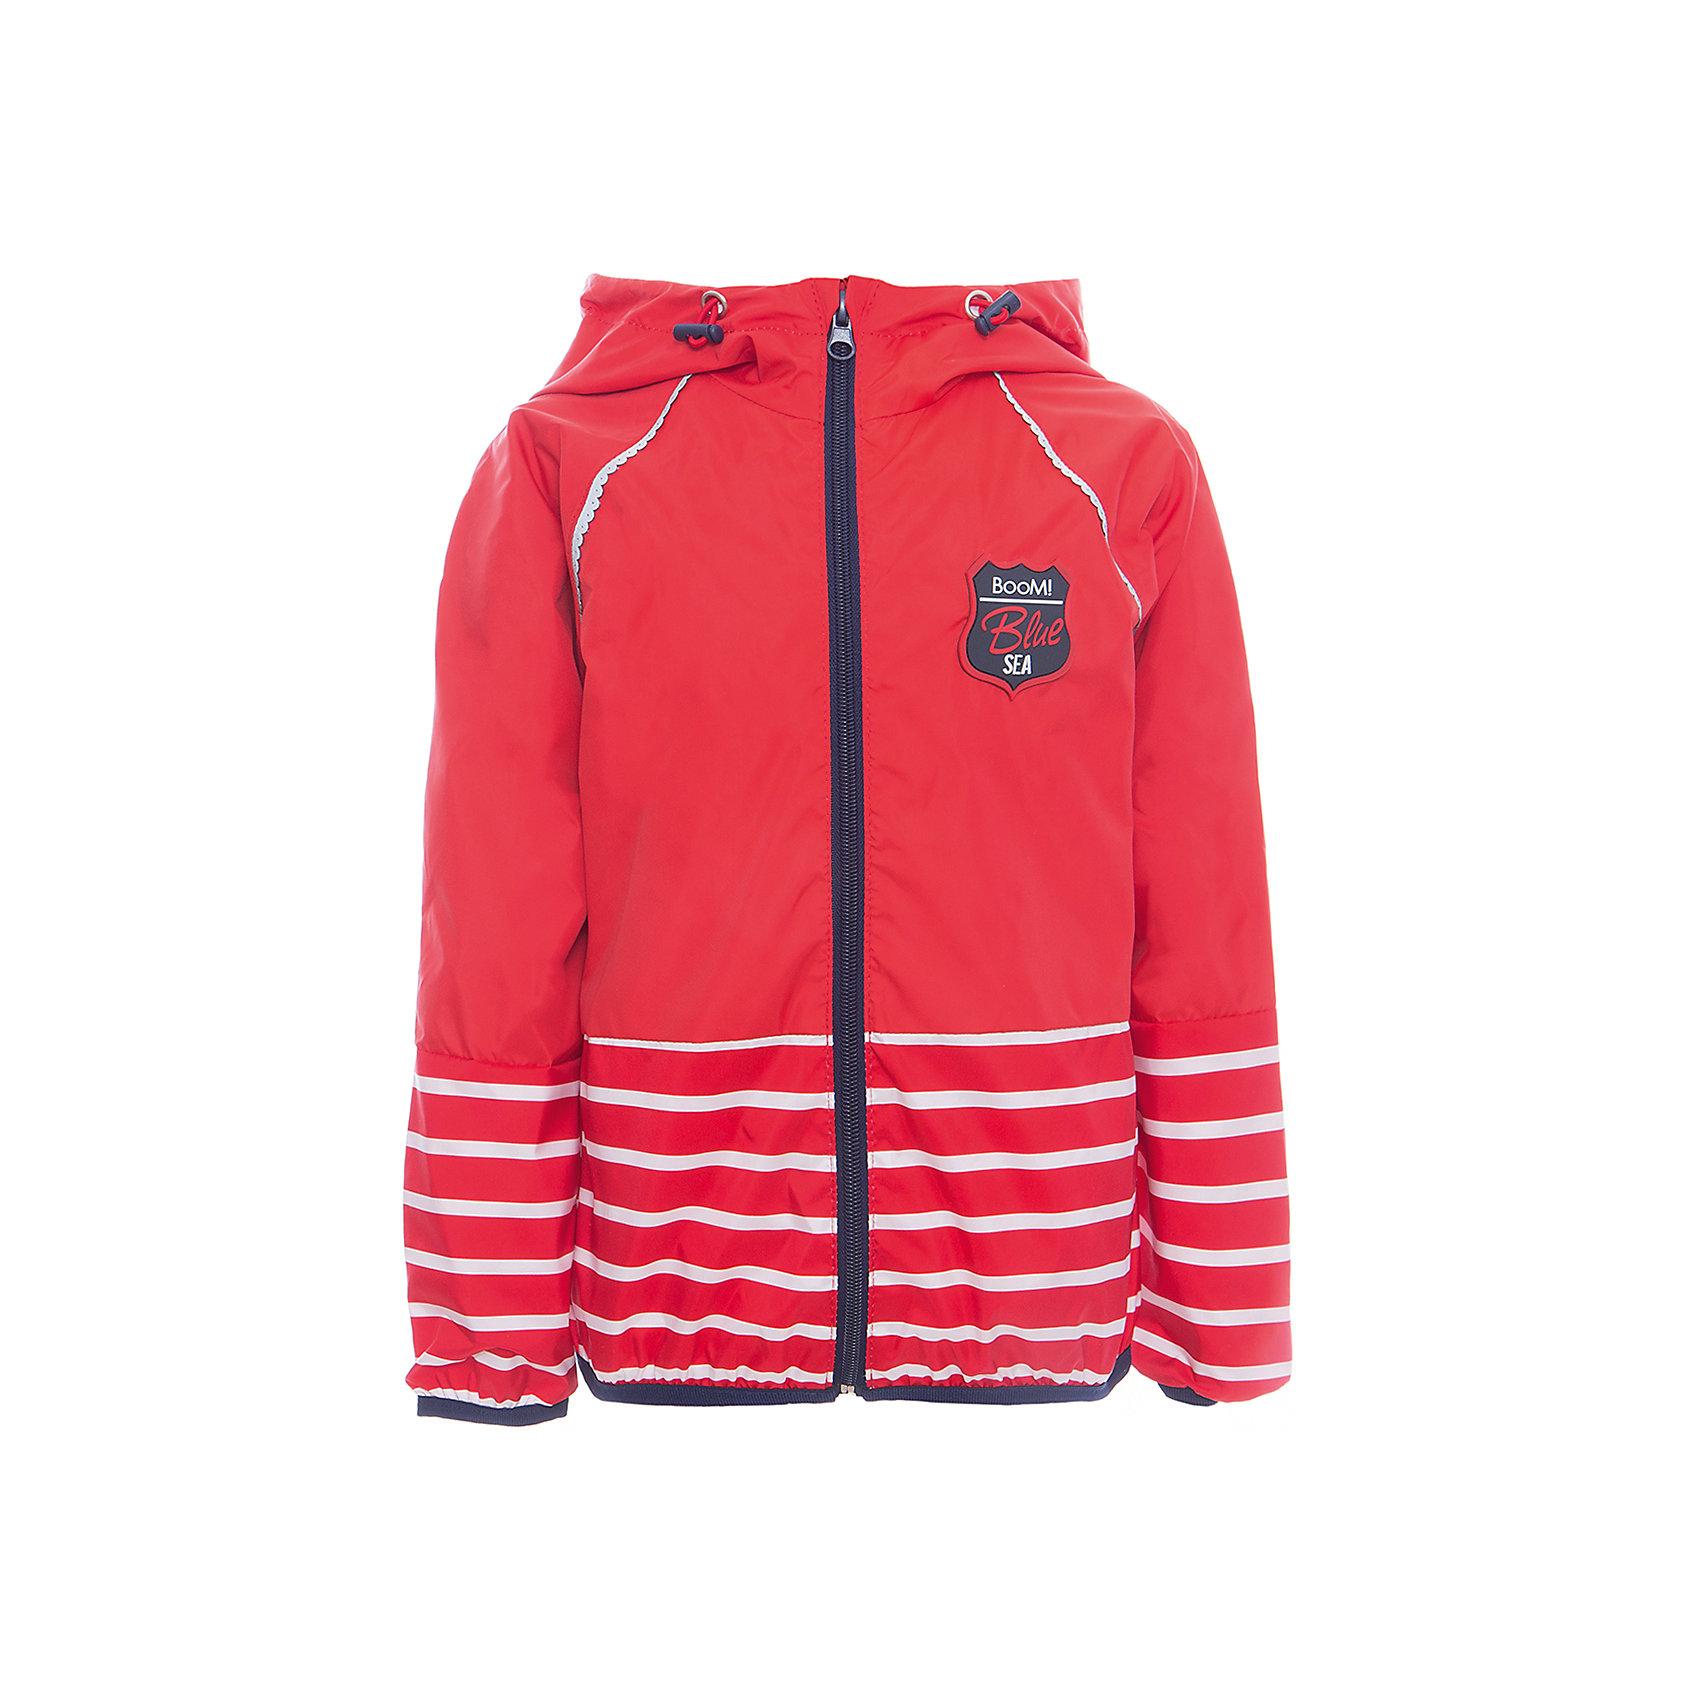 Куртка для девочки BOOM by OrbyВерхняя одежда<br>Характеристики товара:<br><br>• цвет: красный<br>• состав: 80% полиэстер, 20% хлопок, верх - таффета, подкладка - поликоттон, полиэстер, без утеплителя<br>• температурный режим: от +5°до +15°С<br>• карманы<br>• застежка - молния<br>• капюшон с утяжкой<br>• украшена нашивкой<br>• эластичные манжеты<br>• комфортная посадка<br>• страна производства: Российская Федерация<br>• страна бренда: Российская Федерация<br>• коллекция: весна-лето 2017<br><br>Легкая куртка - универсальный вариант и для прохладного летнего вечера, и для теплого межсезонья. Эта модель - модная и удобная одновременно! Изделие отличается стильным ярким дизайном. Куртка хорошо сидит по фигуре, отлично сочетается с различным низом. Вещь была разработана специально для детей.<br><br>Одежда от российского бренда BOOM by Orby уже завоевала популярностью у многих детей и их родителей. Вещи, выпускаемые компанией, качественные, продуманные и очень удобные. Для производства коллекций используются только безопасные для детей материалы. Спешите приобрести модели из новой коллекции Весна-лето 2017! <br><br>Куртку для девочки от бренда BOOM by Orby можно купить в нашем интернет-магазине.<br><br>Ширина мм: 356<br>Глубина мм: 10<br>Высота мм: 245<br>Вес г: 519<br>Цвет: красный<br>Возраст от месяцев: 36<br>Возраст до месяцев: 48<br>Пол: Женский<br>Возраст: Детский<br>Размер: 104,158,152,86,92,98,110,116,122,128,134,140,146<br>SKU: 5343563